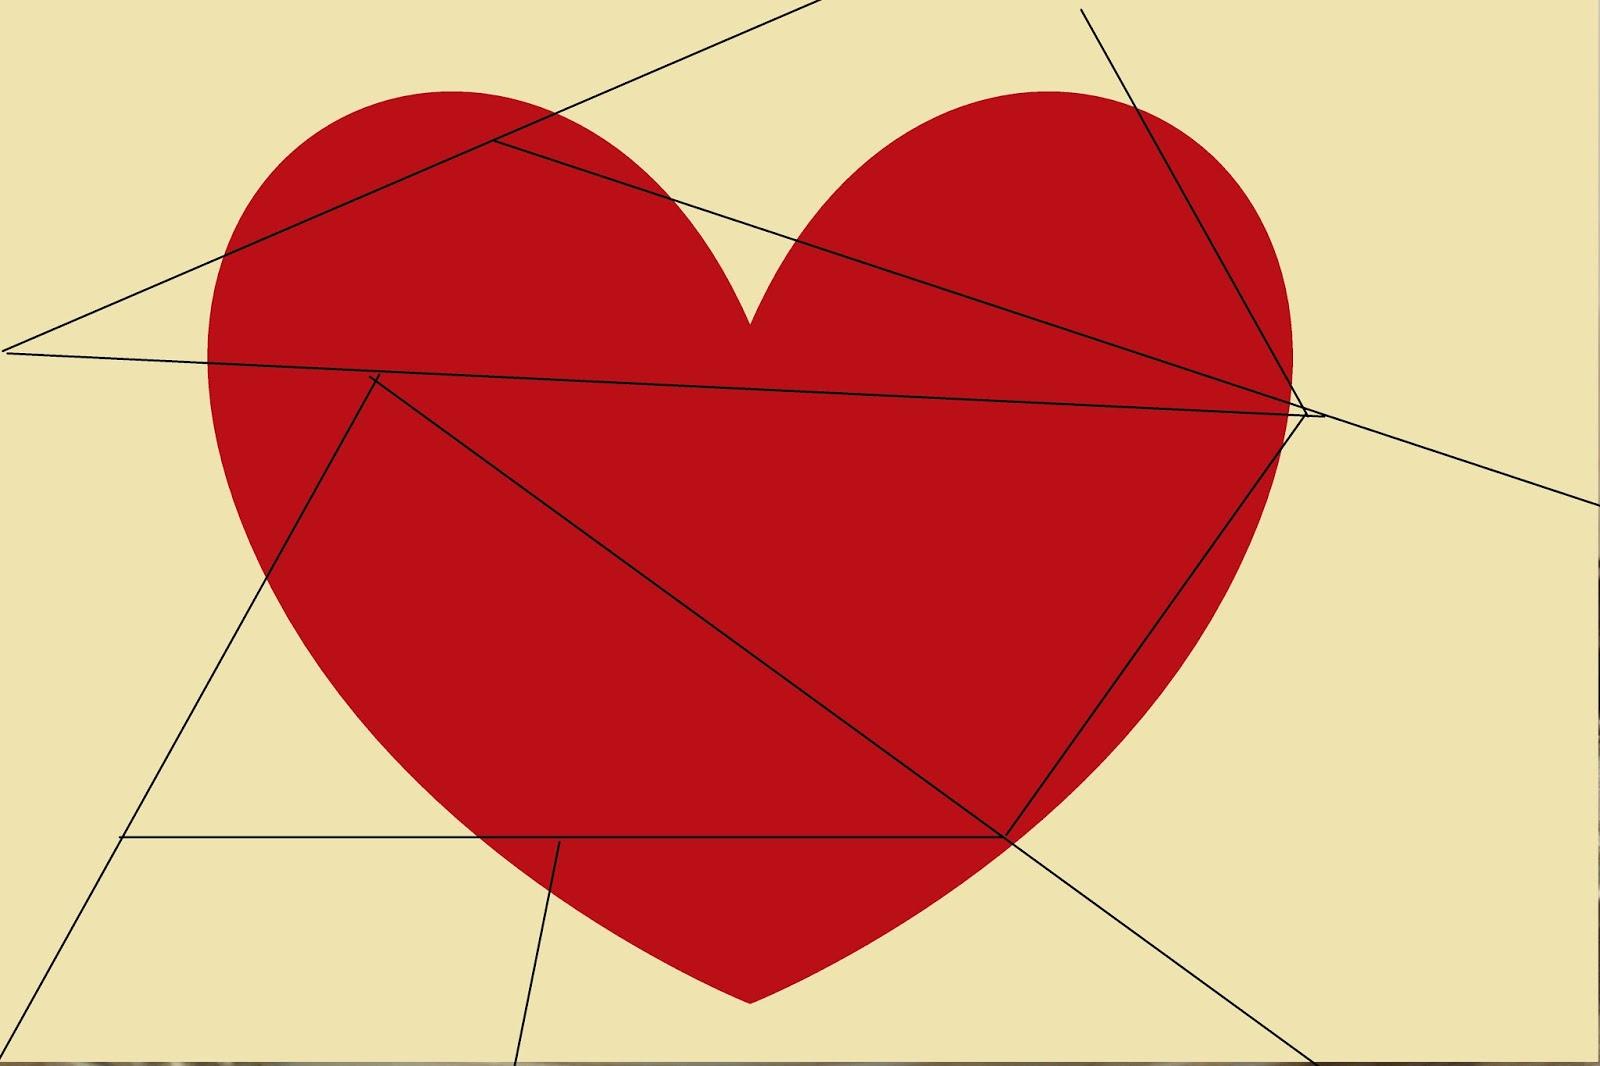 Wunderbar Herz Ausgeschnittene Vorlage Bilder - Entry Level Resume ...